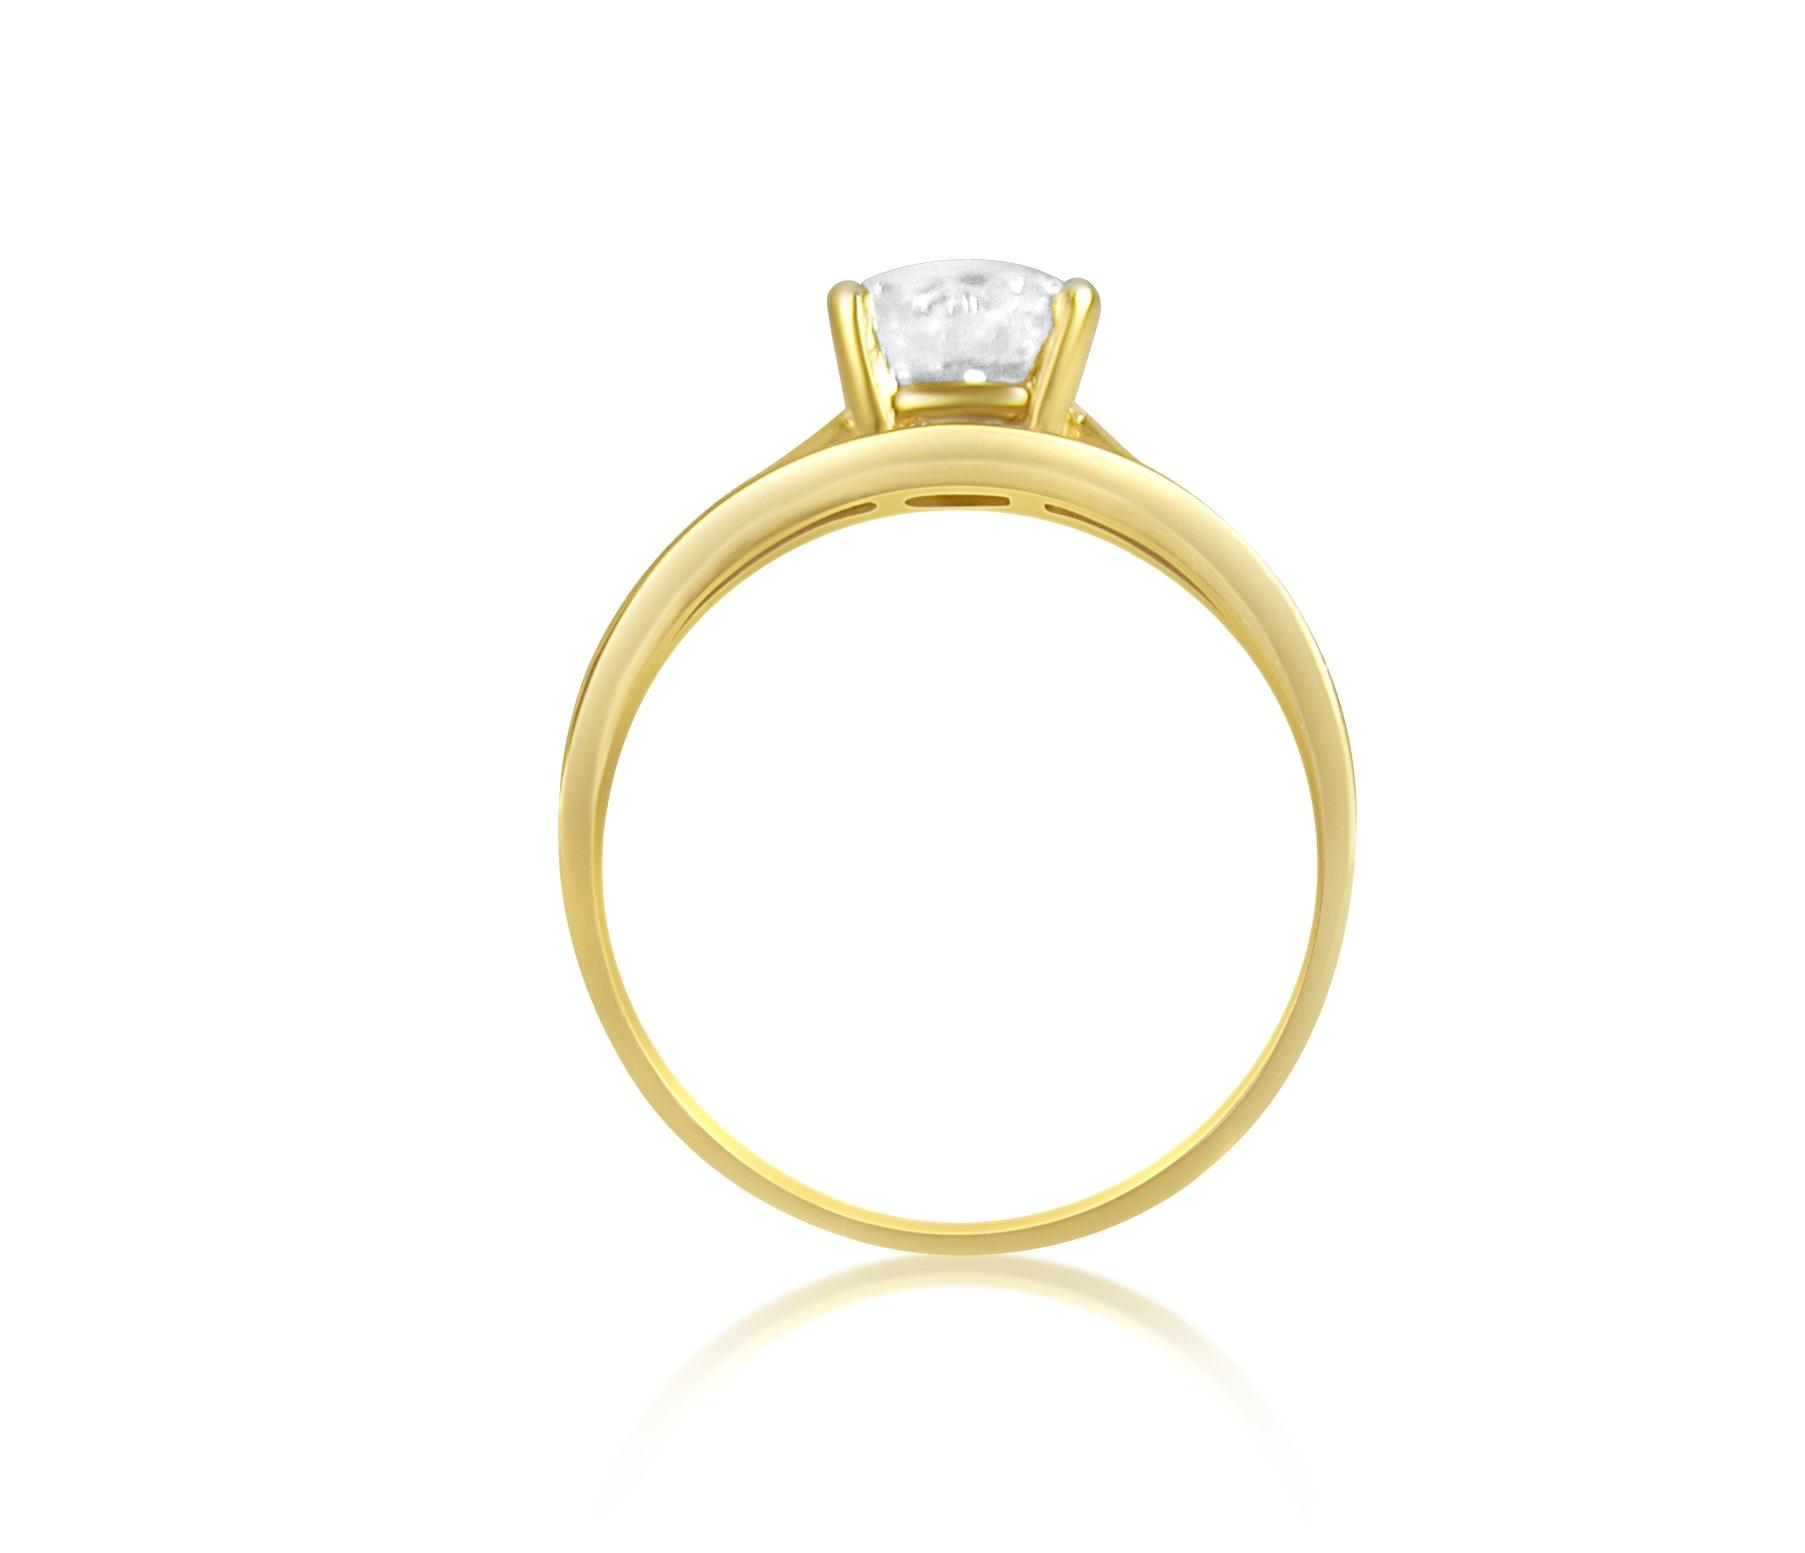 18 karaat geel en wit goud verlovingsring met zirkonia